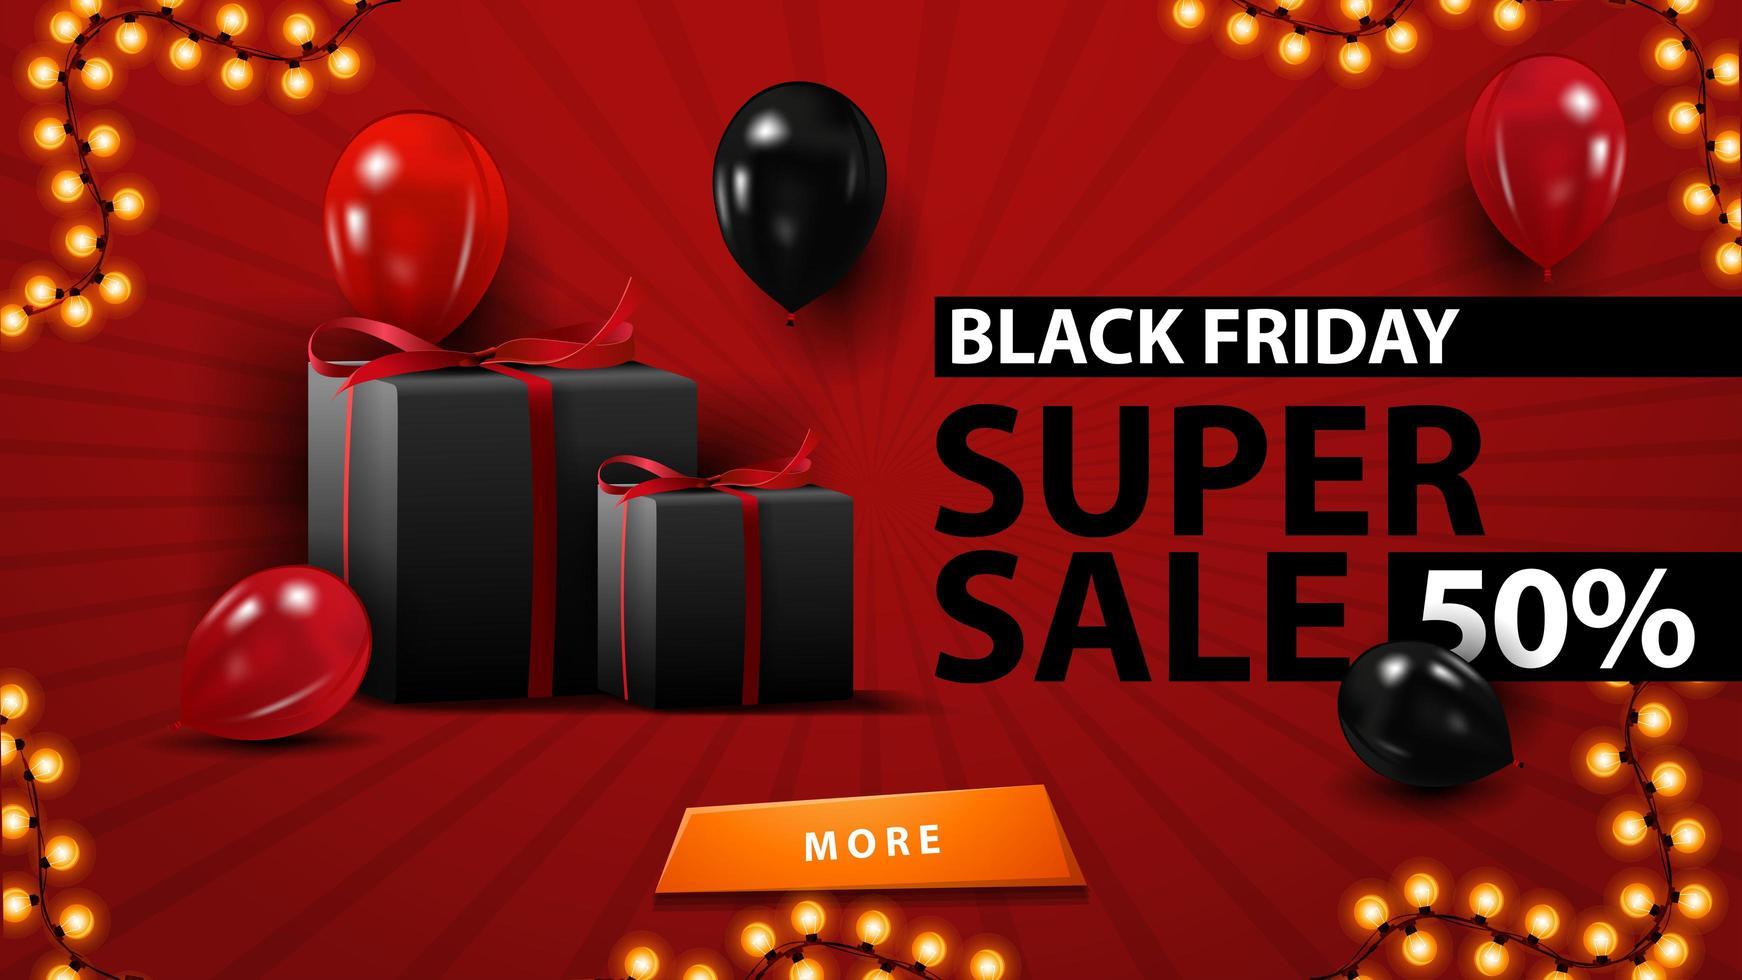 Super vente vendredi noir, jusqu'à 50 de réduction, modèle rouge créatif dans un style moderne minimaliste avec des ballons et des cadeaux. vecteur